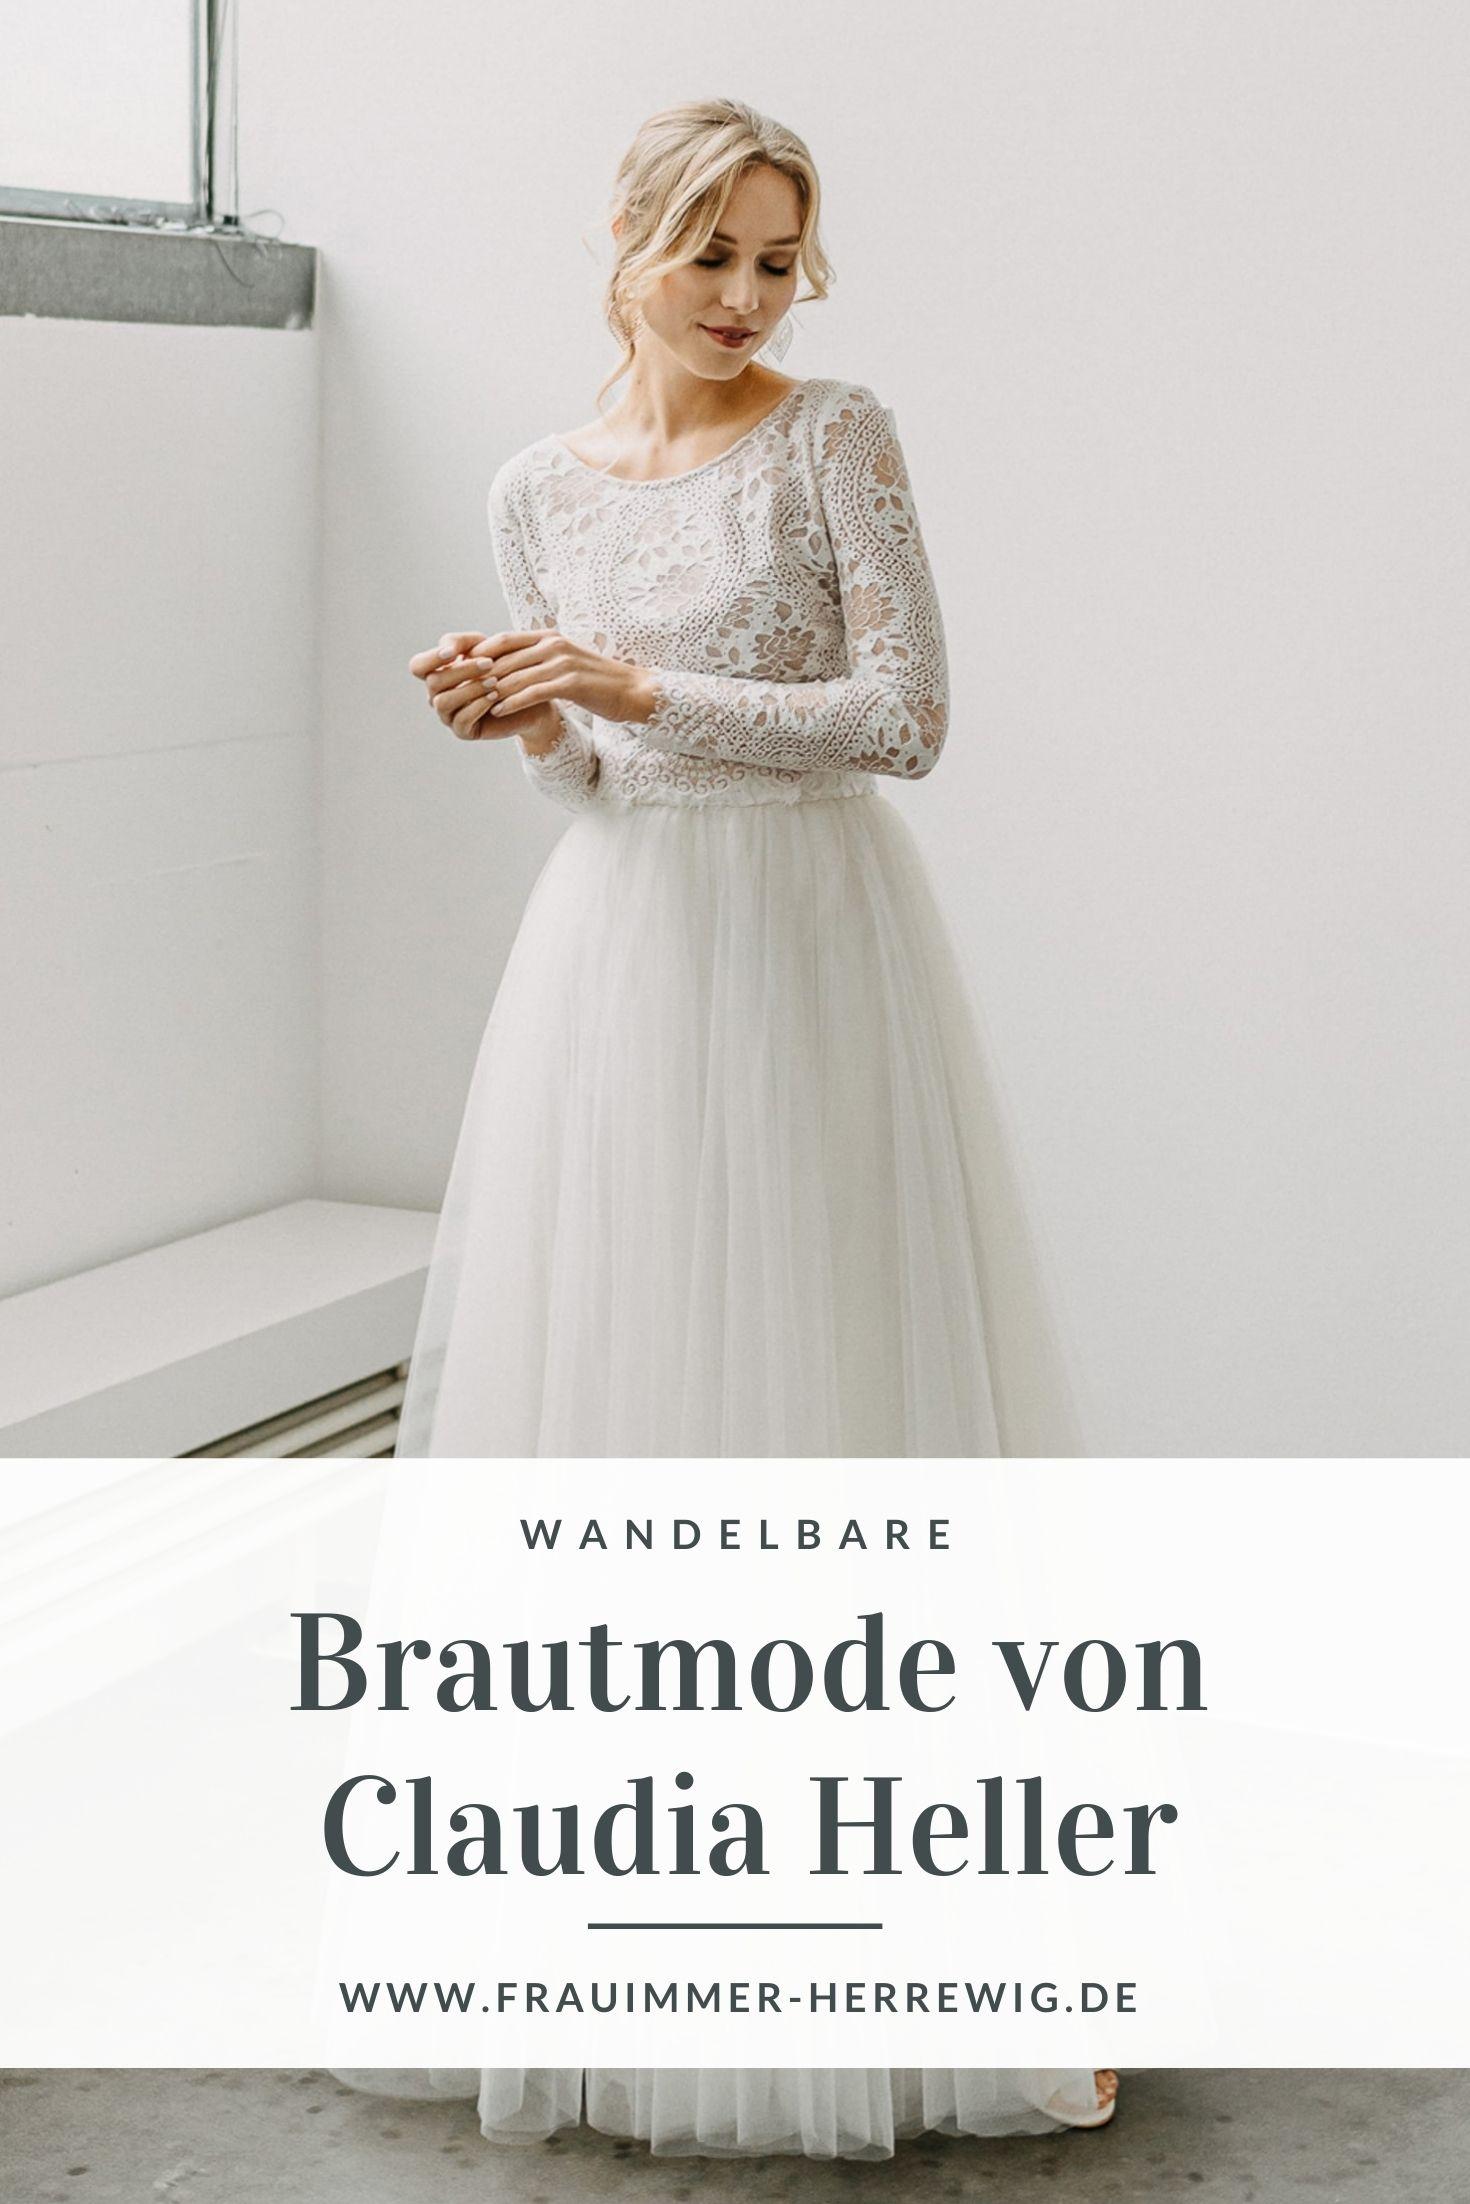 Brautkleidkollektion claudia heller – gesehen bei frauimmer-herrewig.de